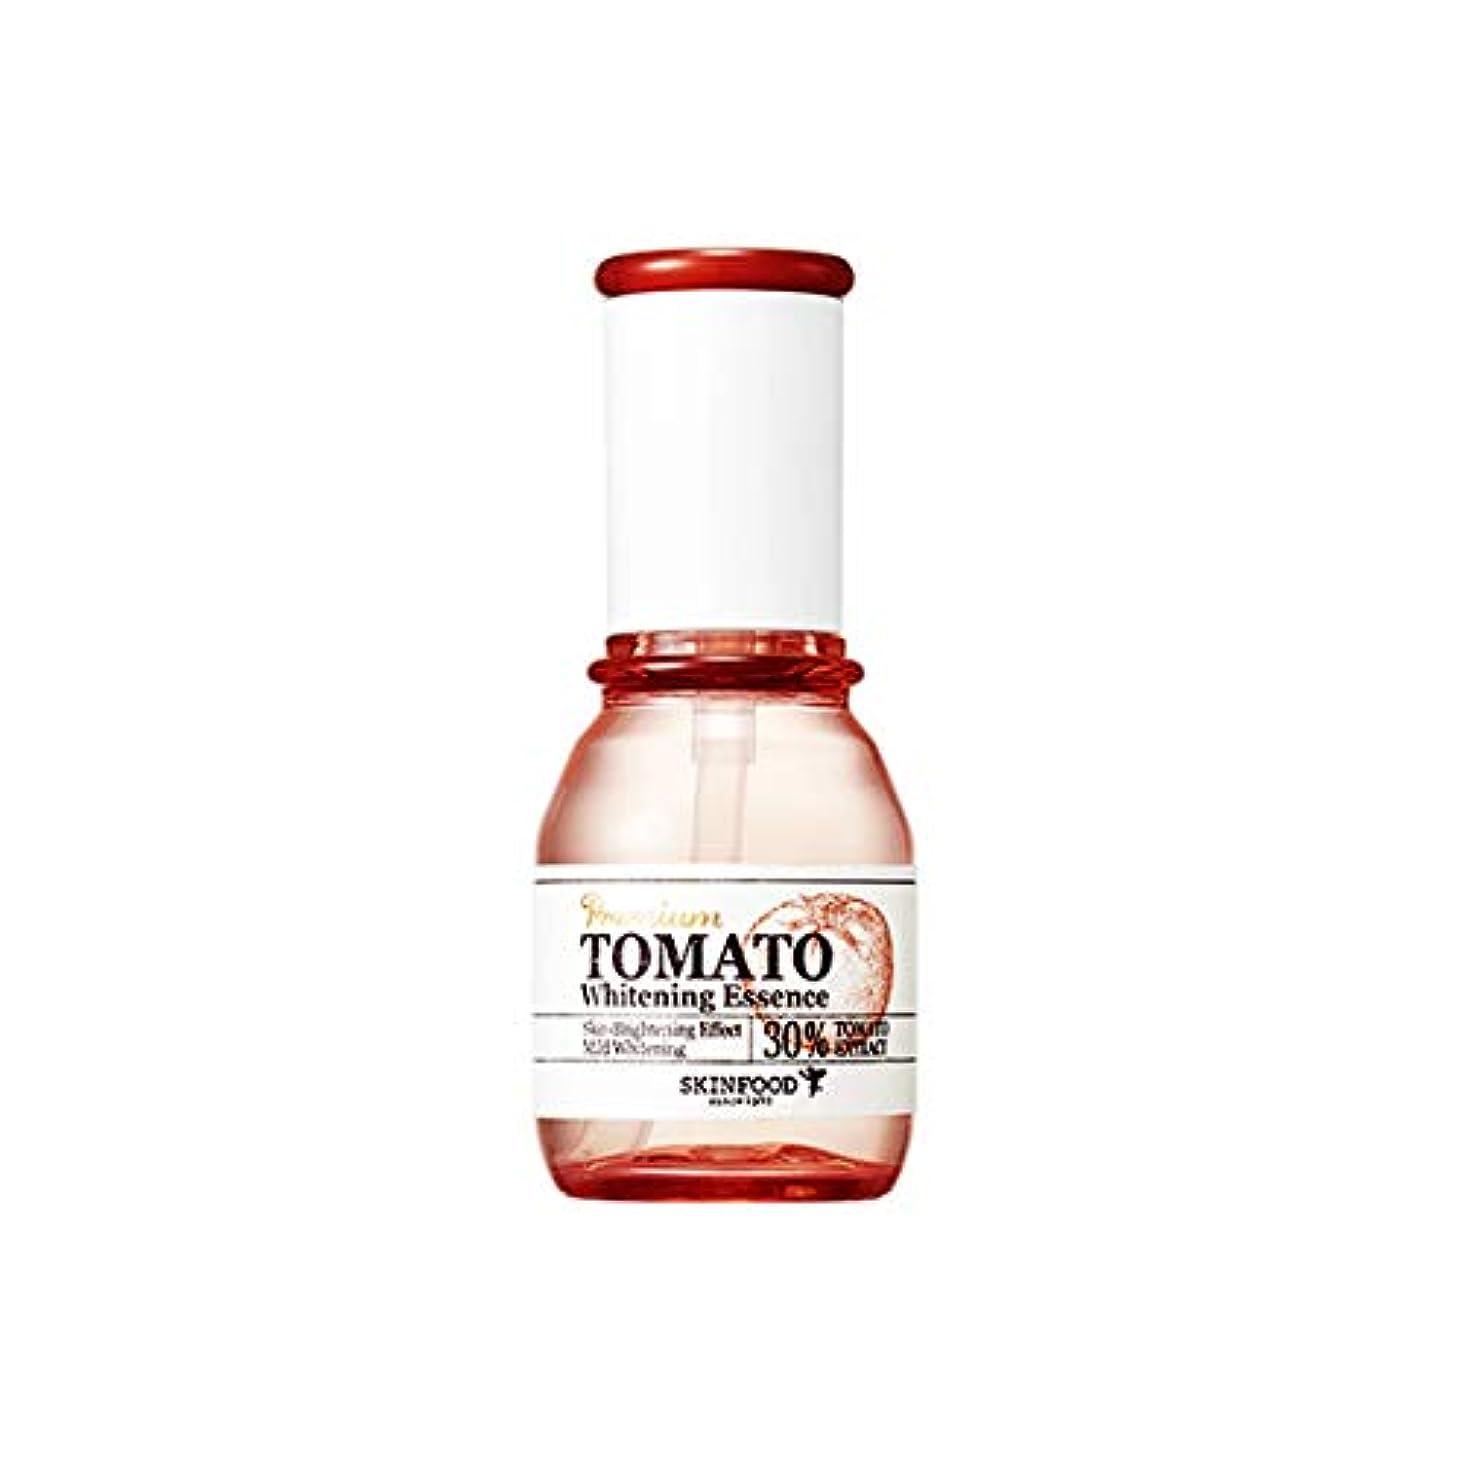 ハンマーキルス虐待Skinfood プレミアムトマトホワイトニングエッセンス(美白効果) / Premium Tomato Whitening Essence (Skin-Brightening Effect)50ml [並行輸入品]